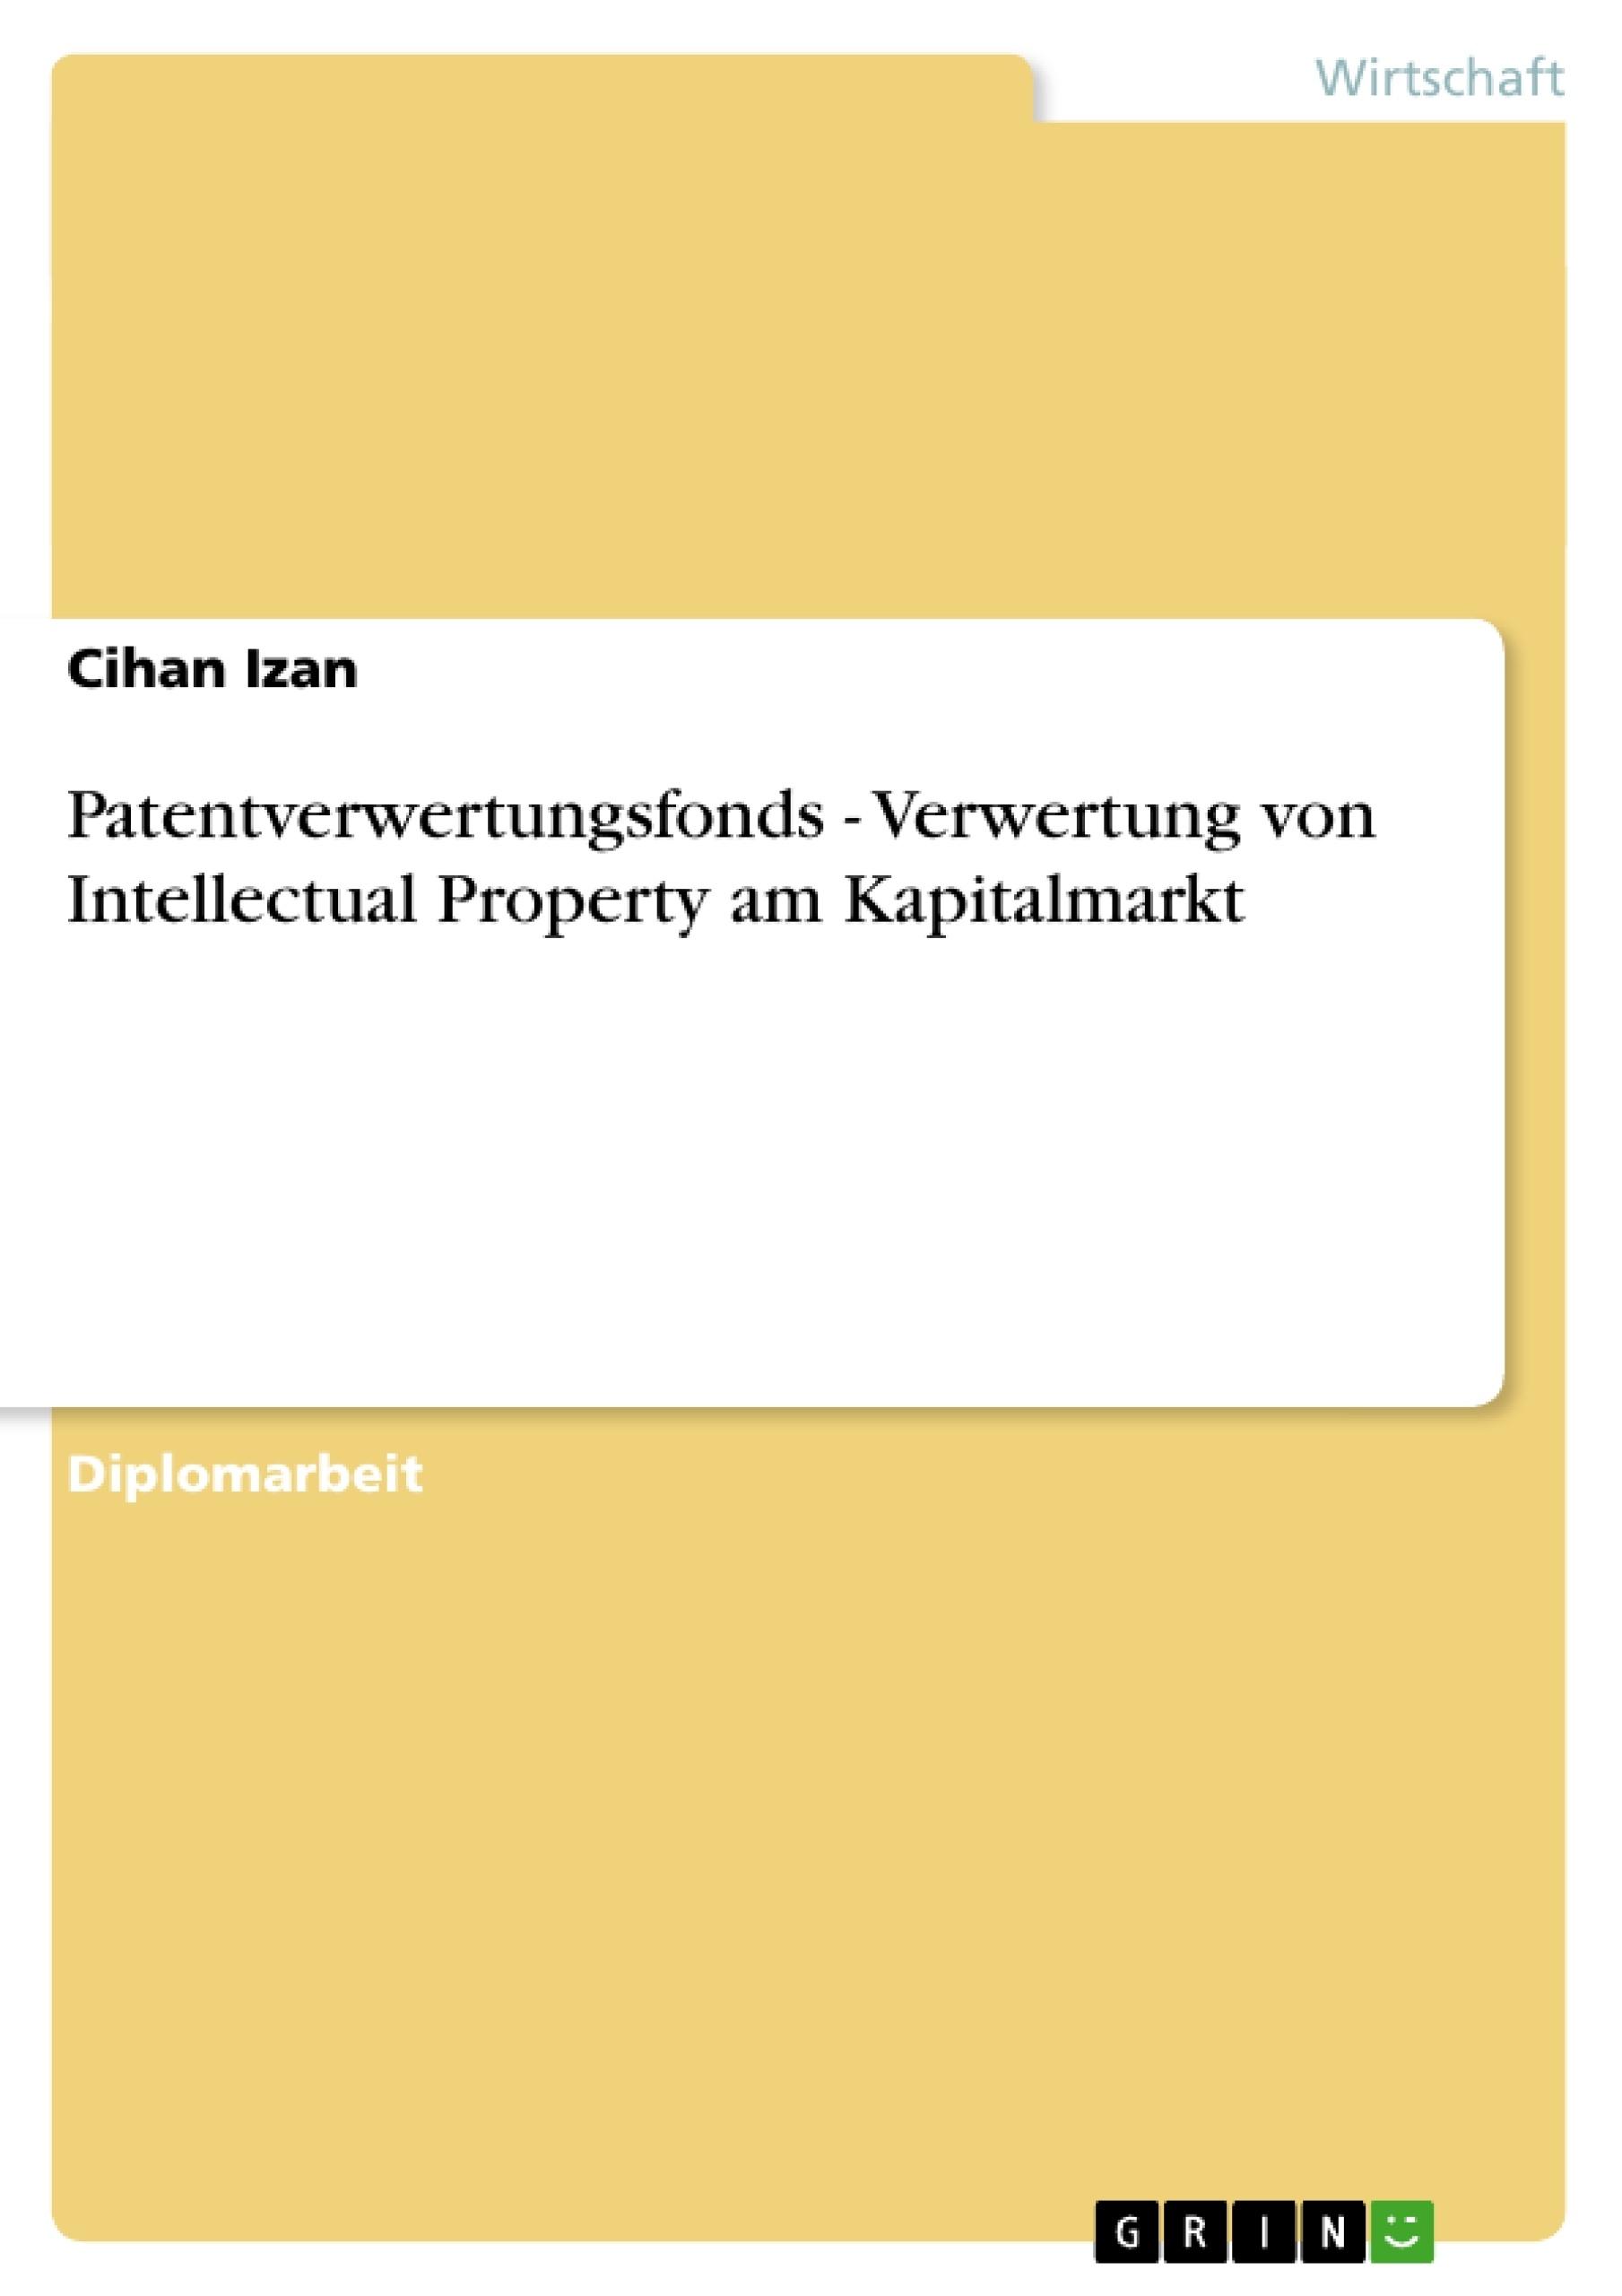 Titel: Patentverwertungsfonds - Verwertung von Intellectual Property am Kapitalmarkt